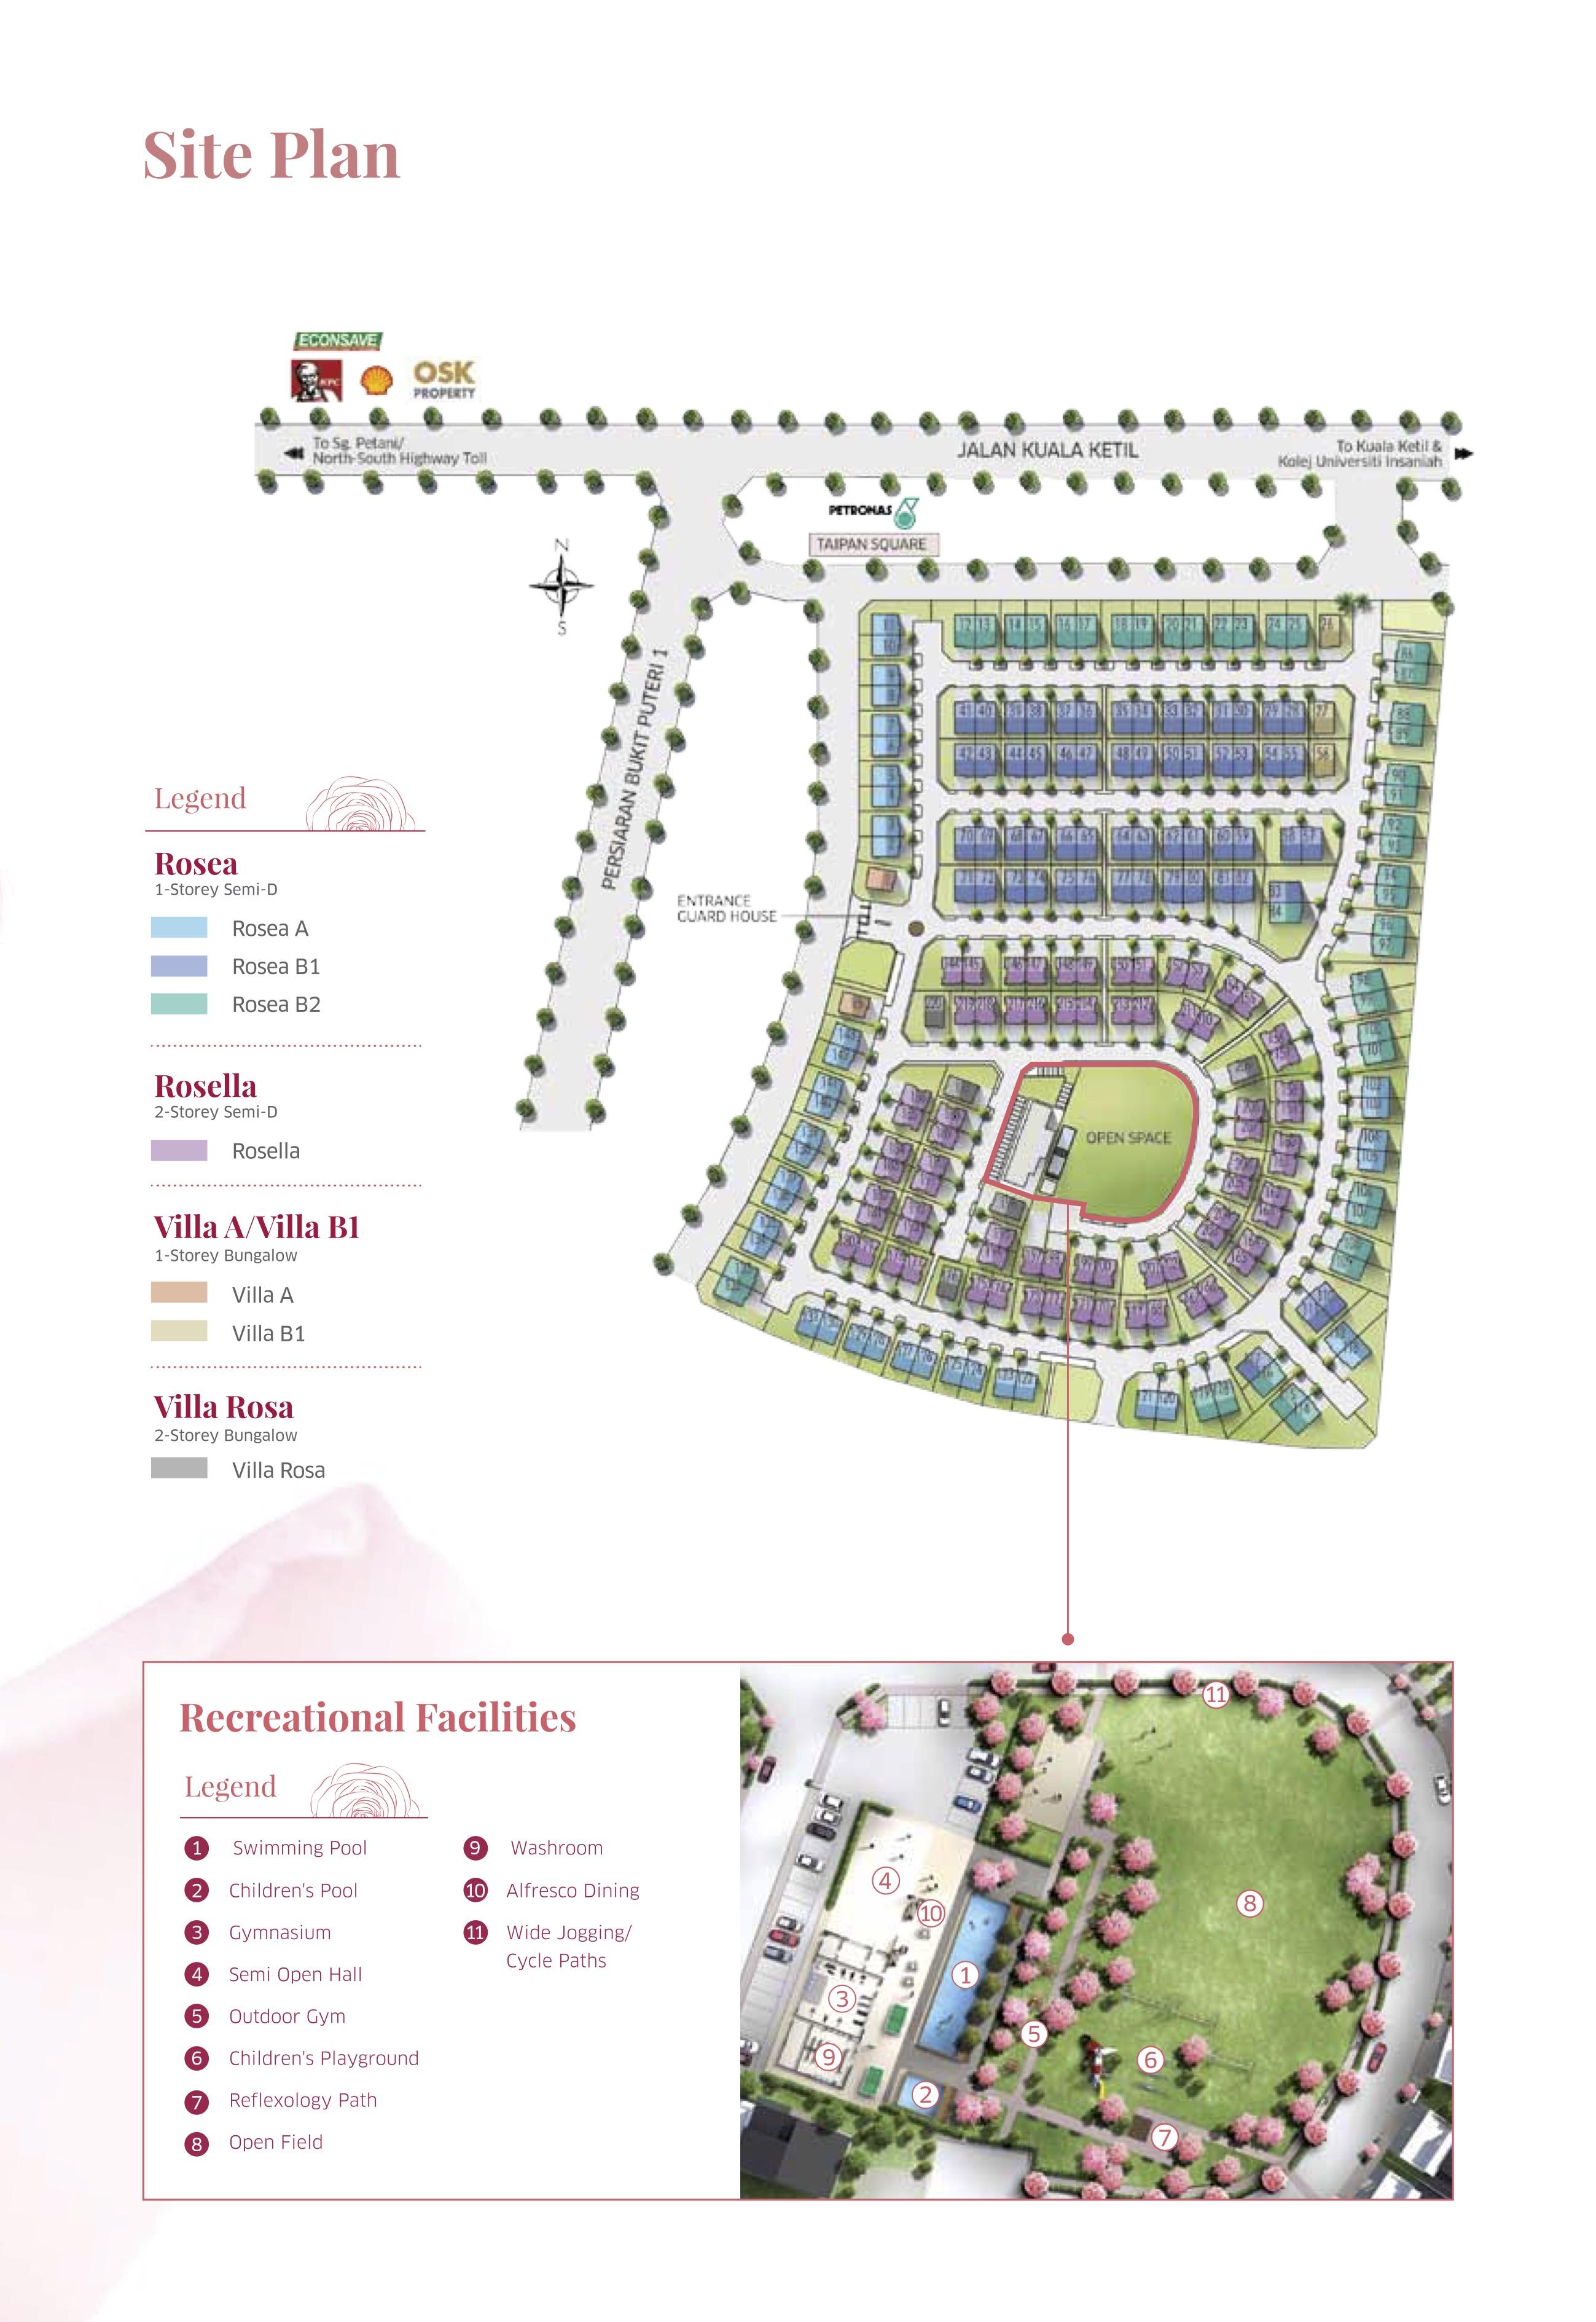 Site Plan of Roseville